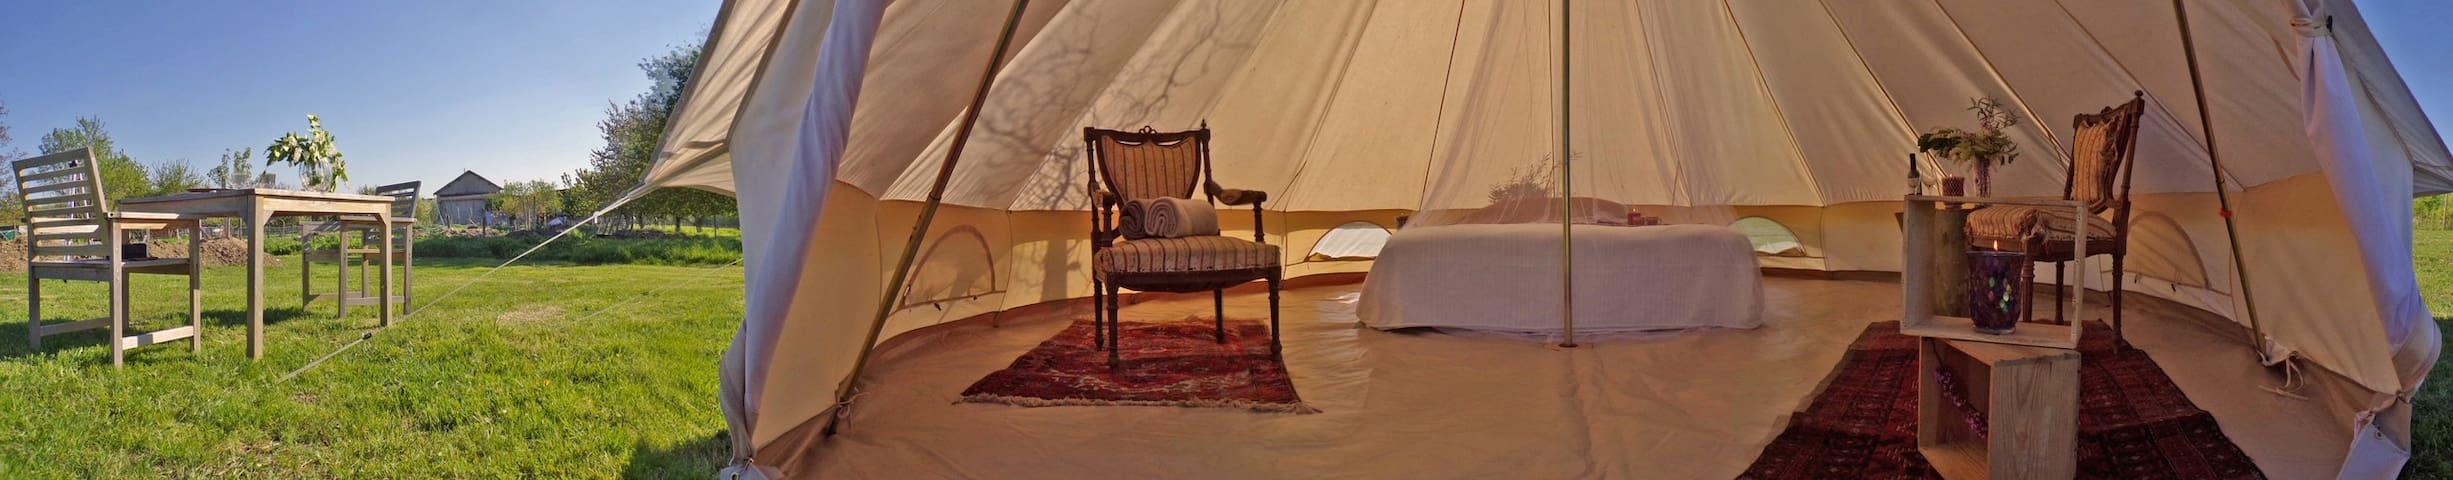 Tente-Tipi dans un camping écologique - Monestier - Zelt